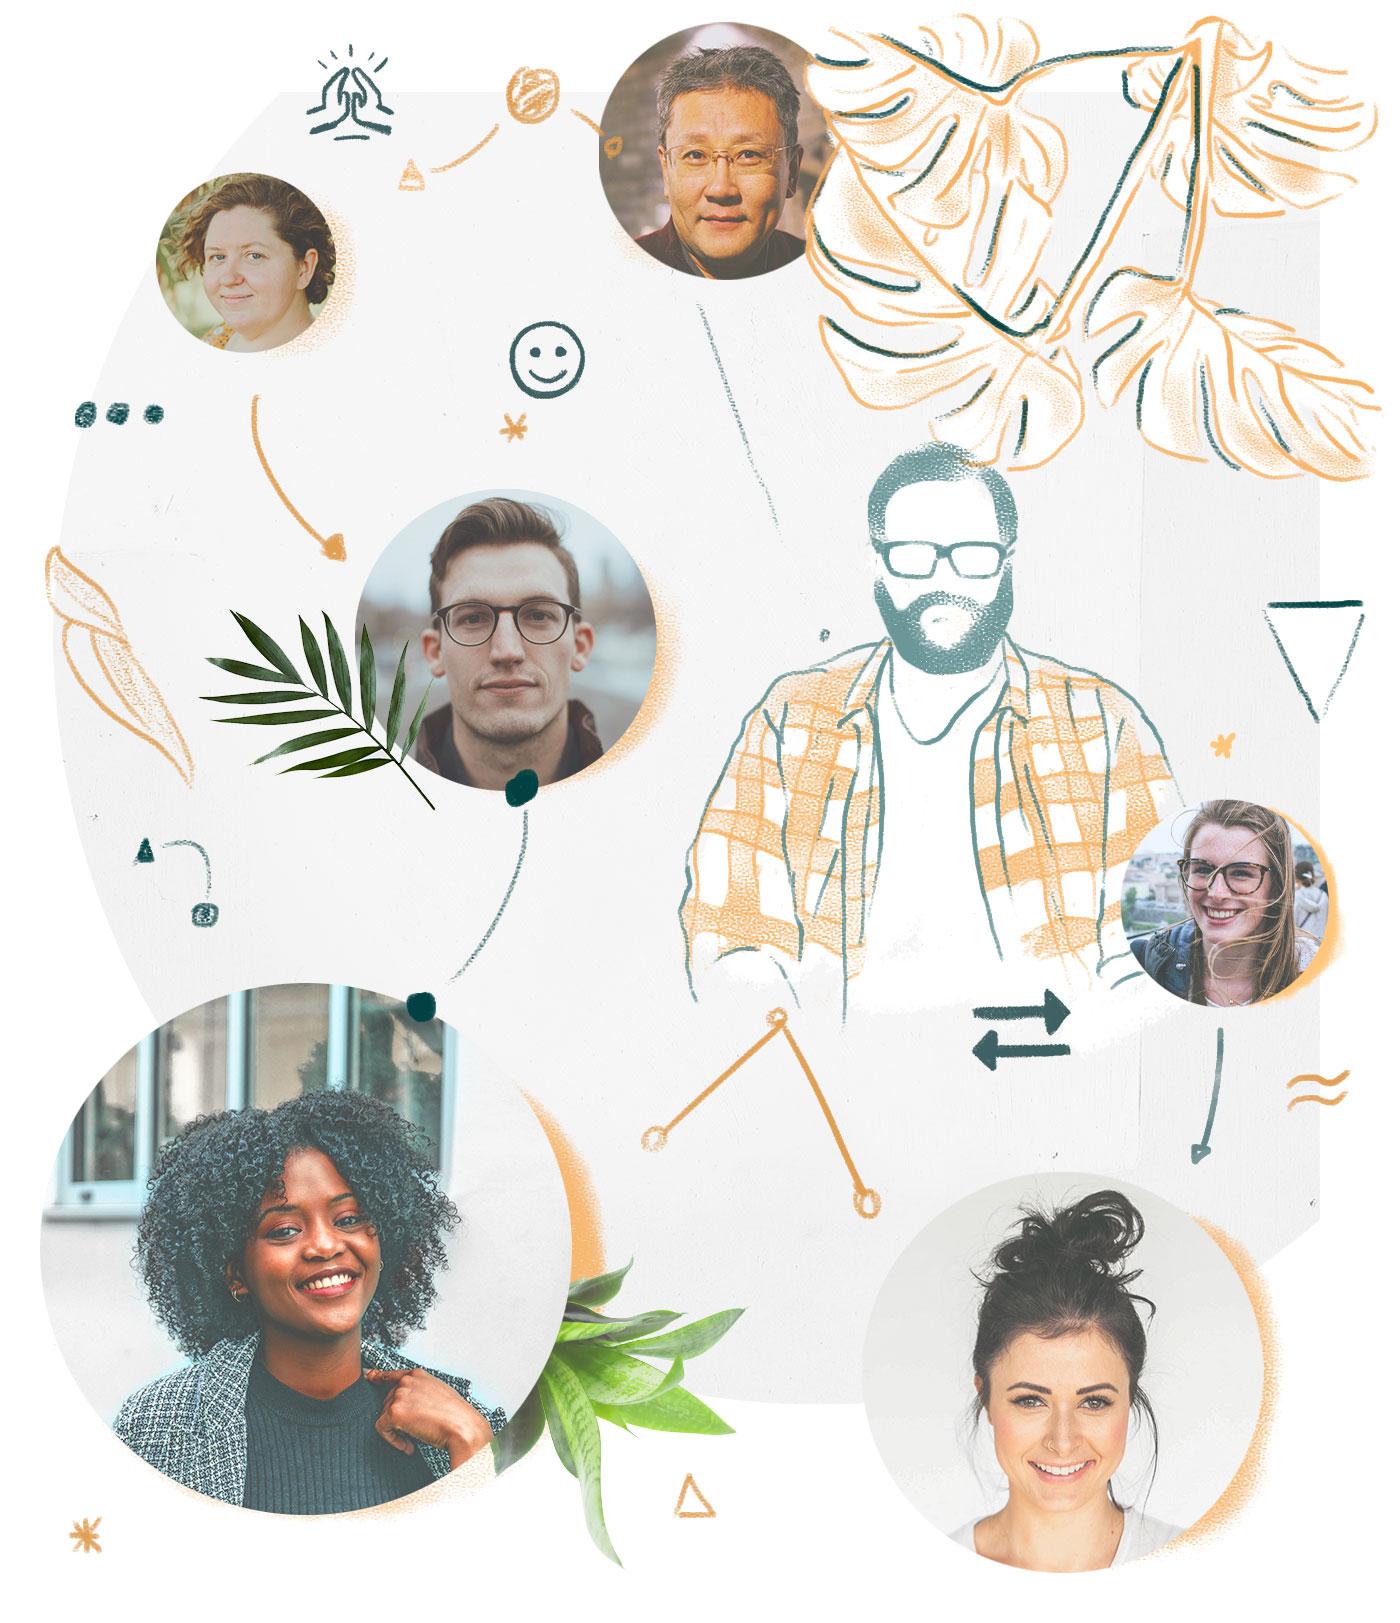 edusiia Header-Bild, das verschiedene Menschen in einer Collage verbindet